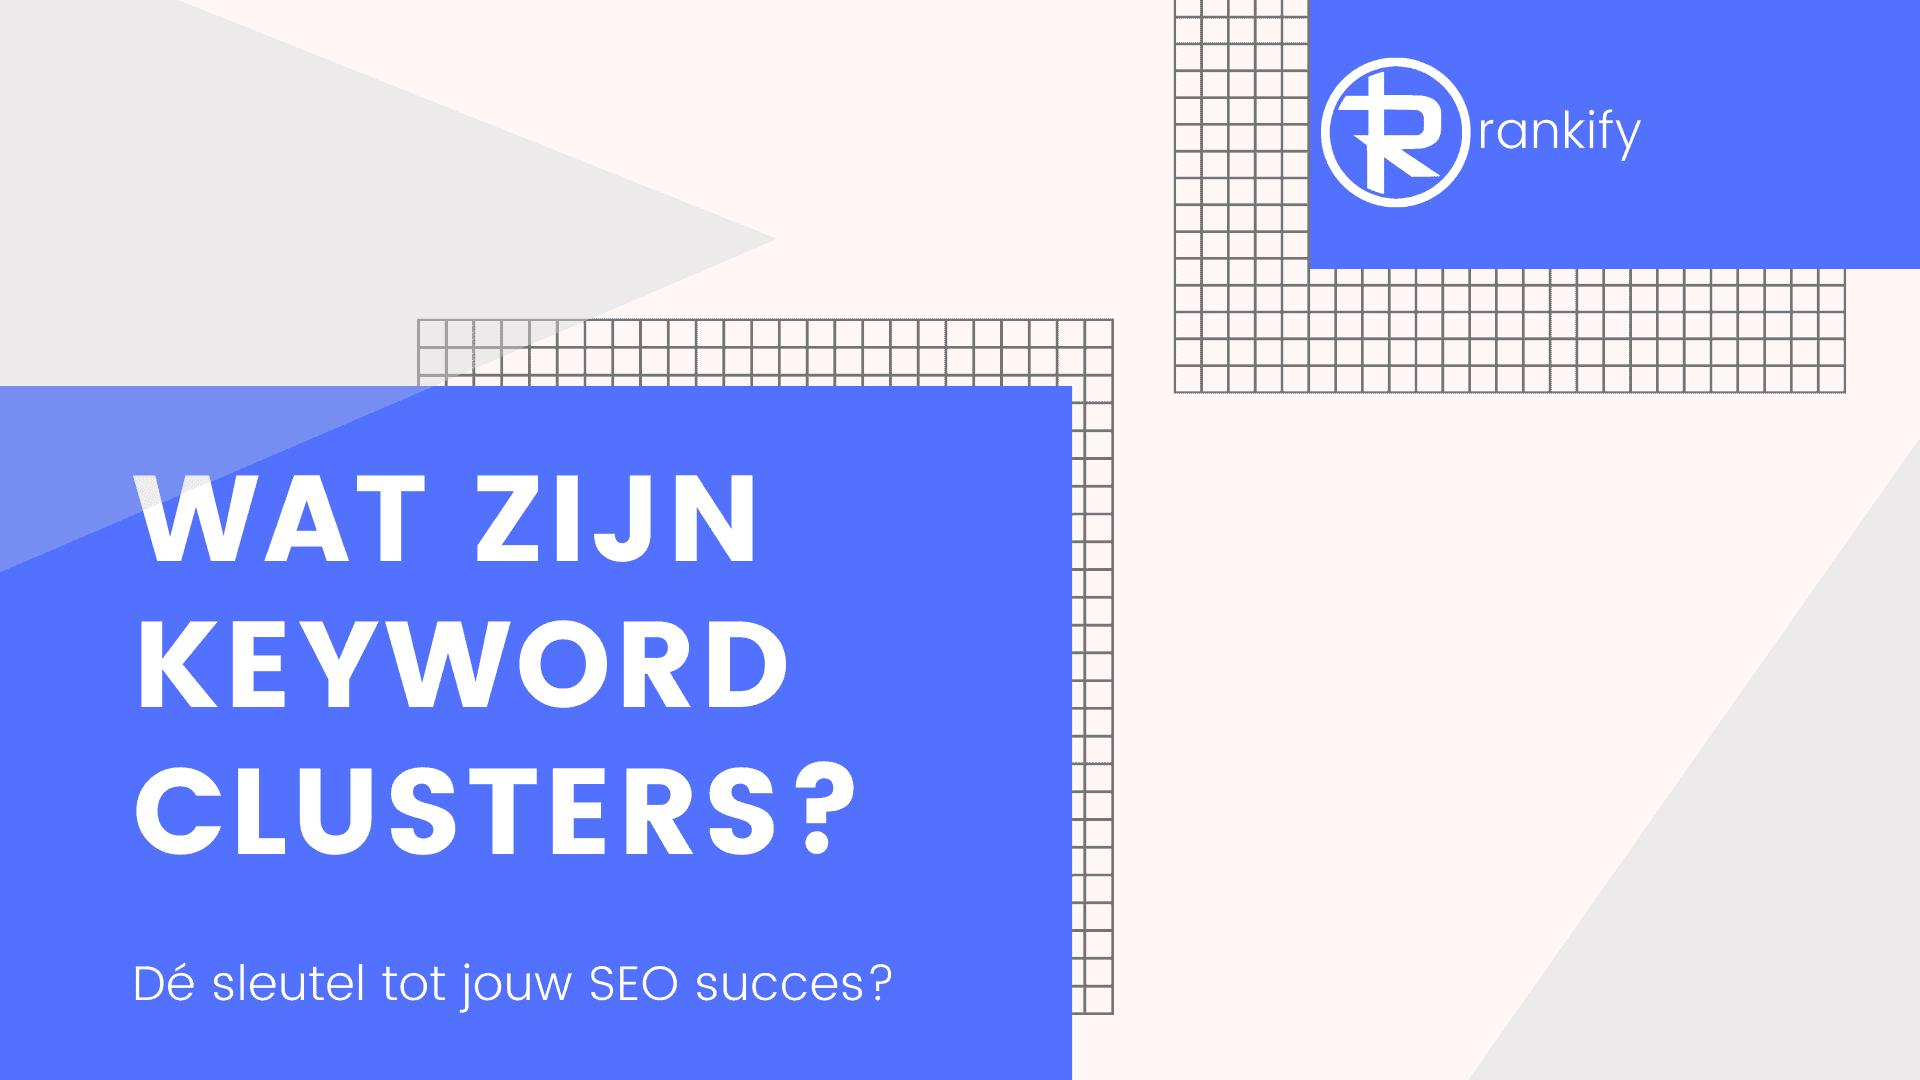 wat zijn keyword clusters